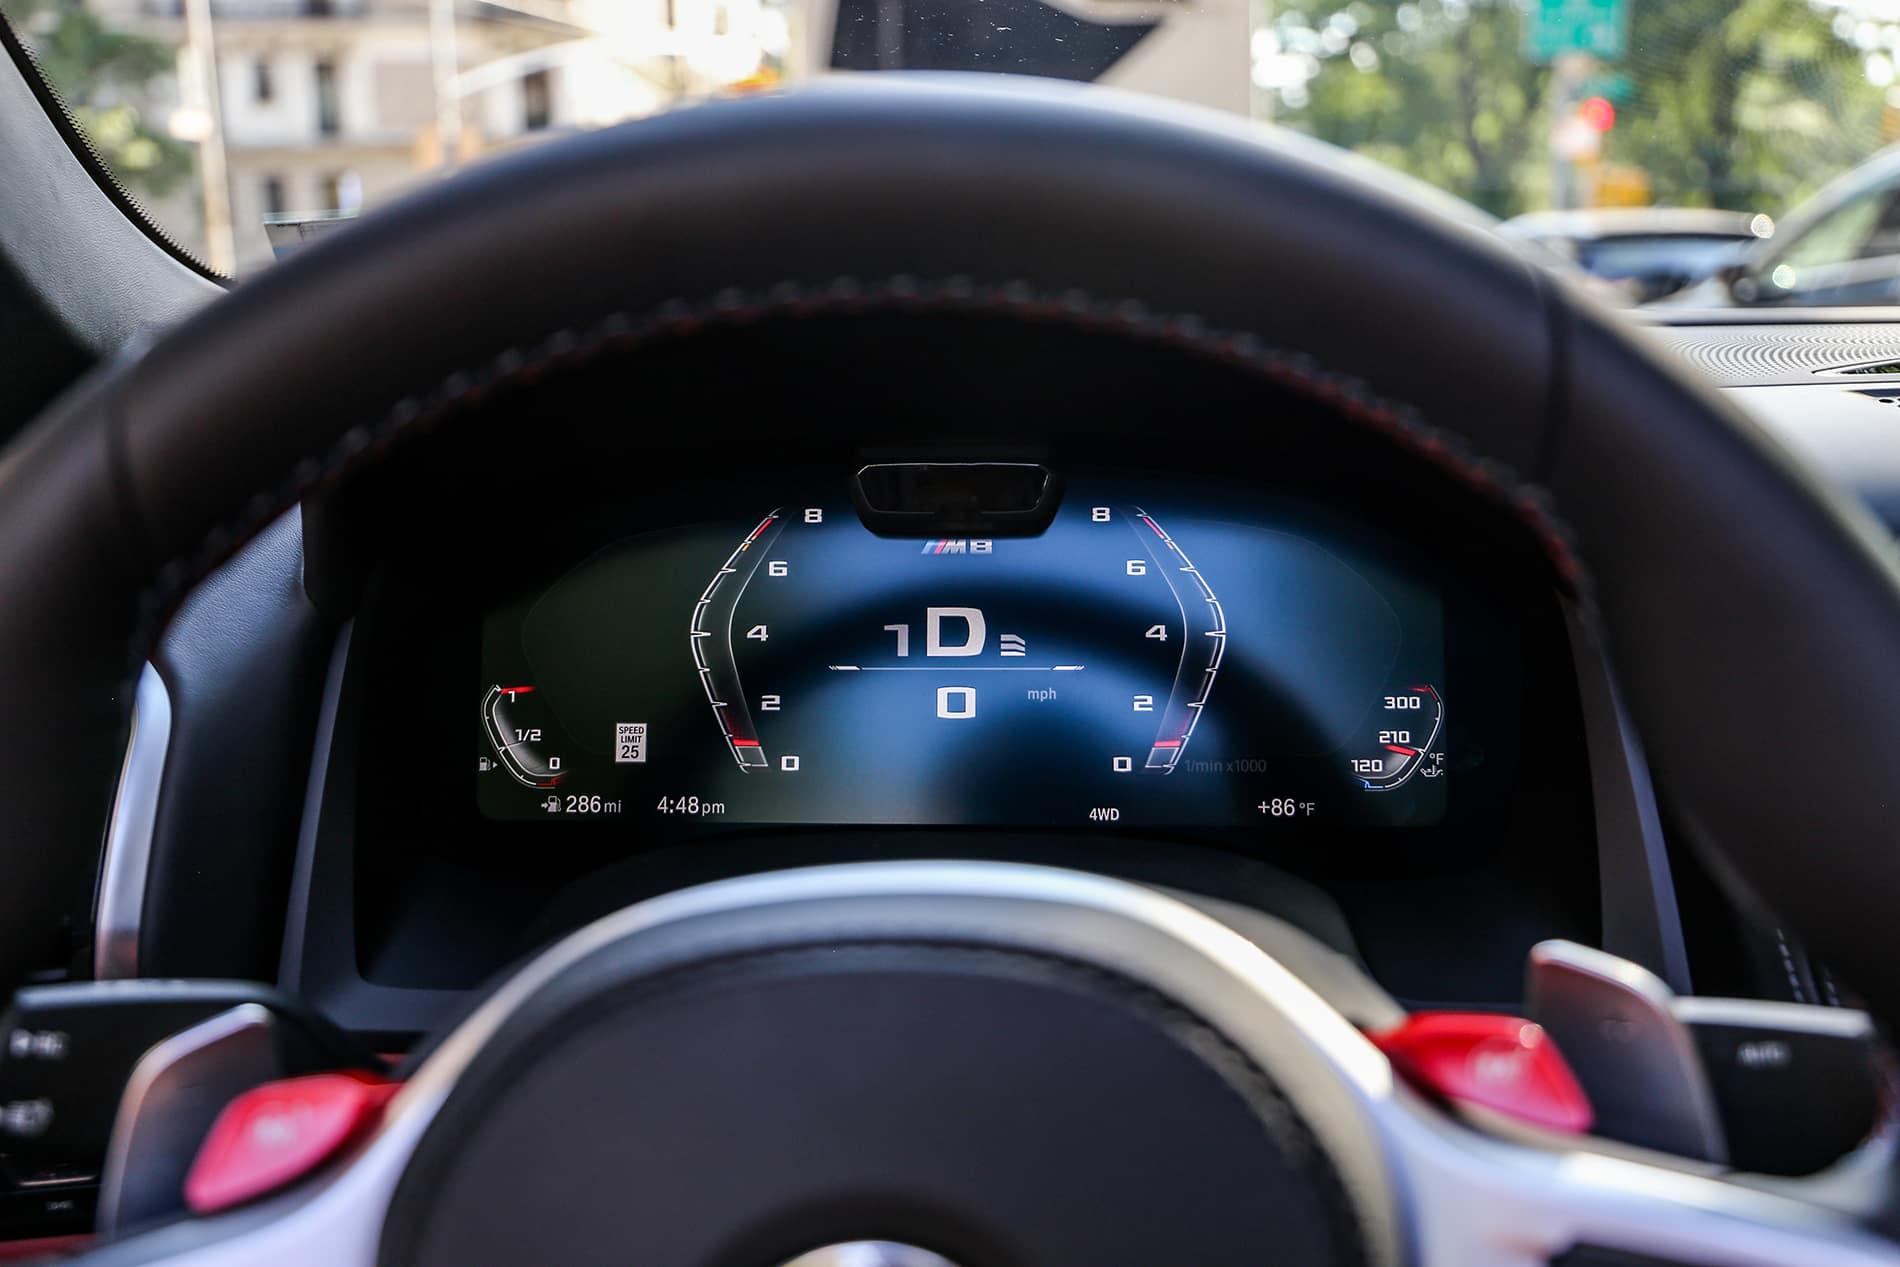 BMW Dashboard Symbols Manhattan NY